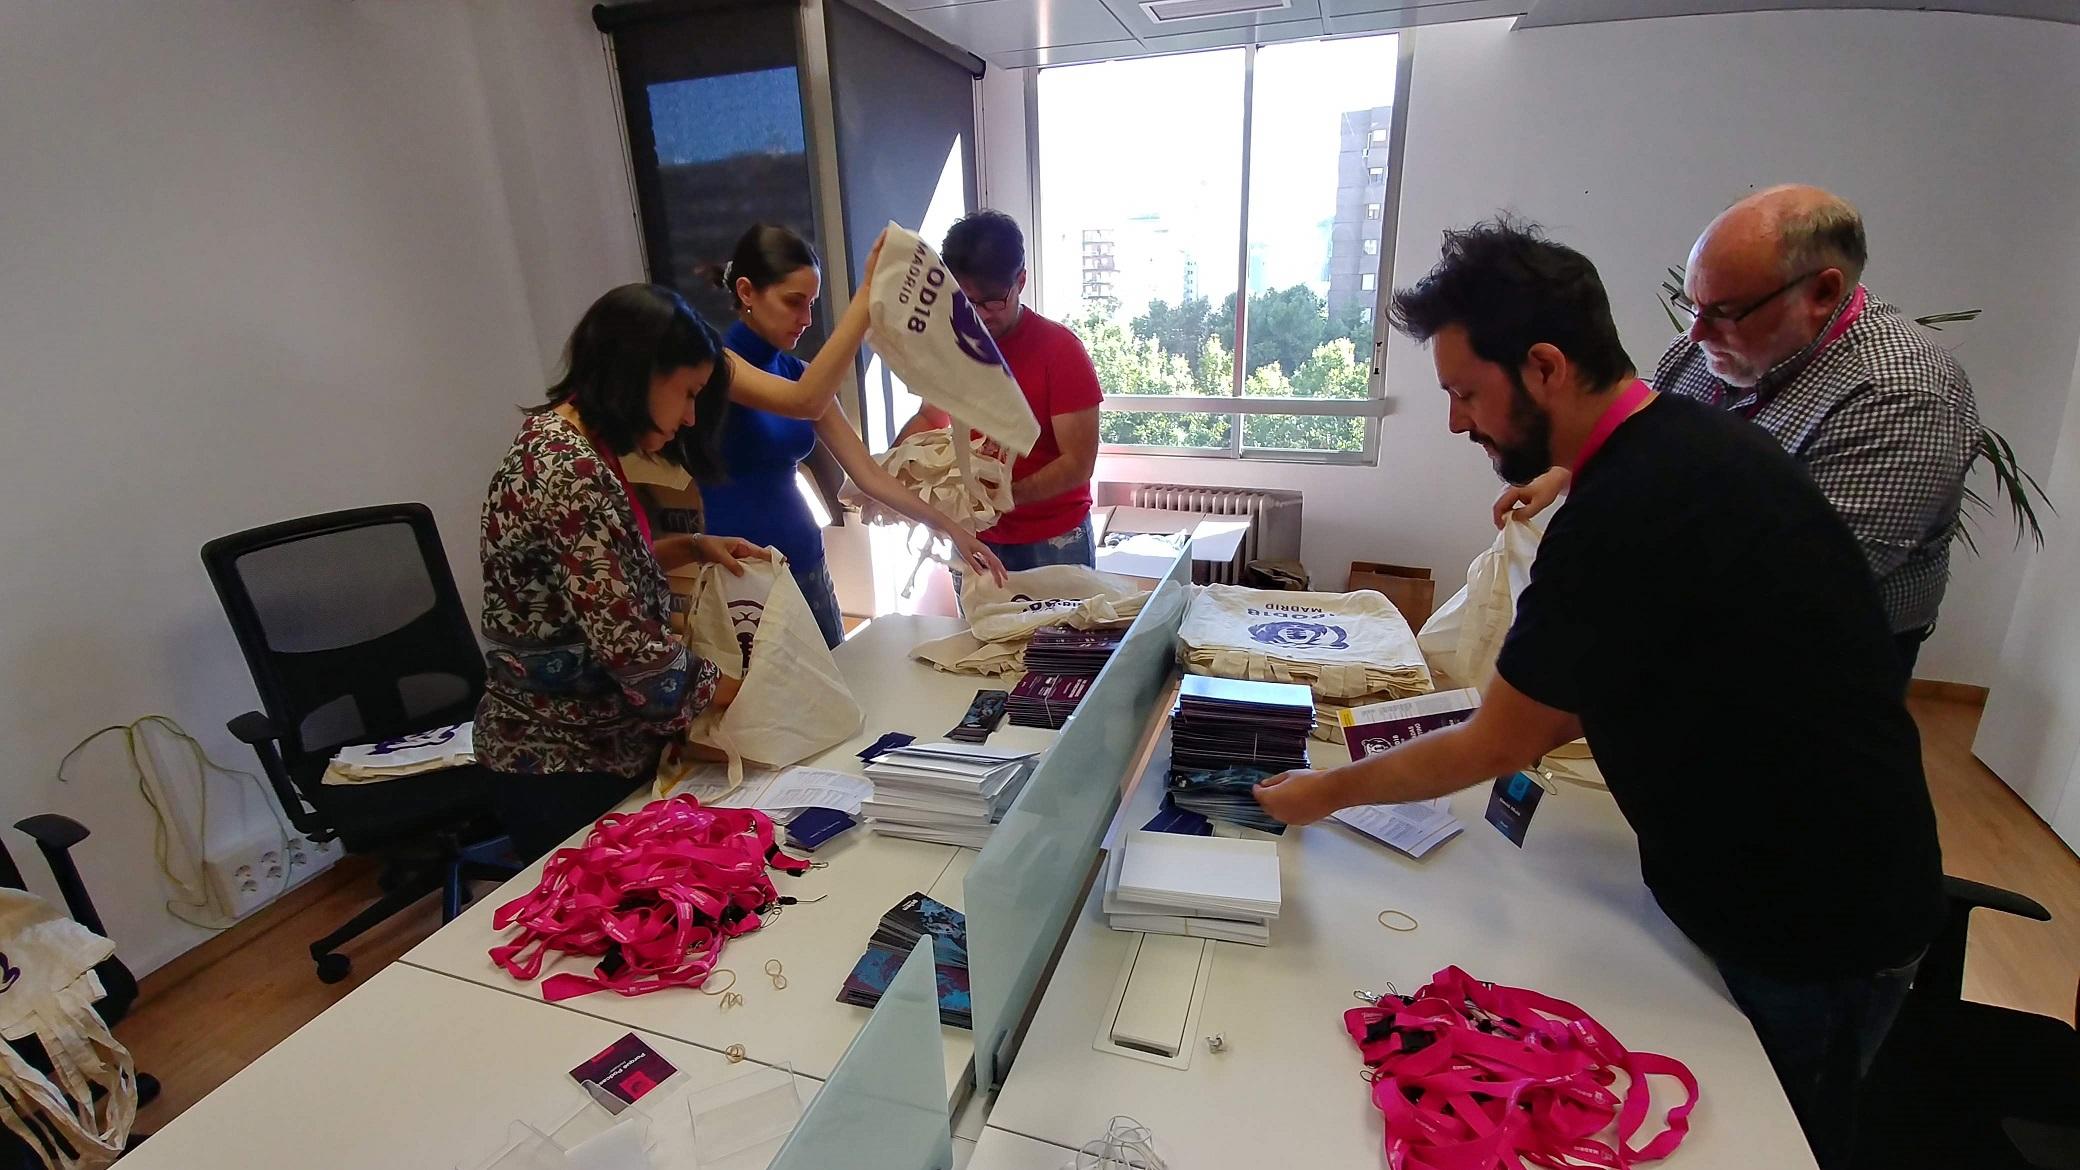 Preparando el merchandising de JPOD18 en las oficinas de Machiina